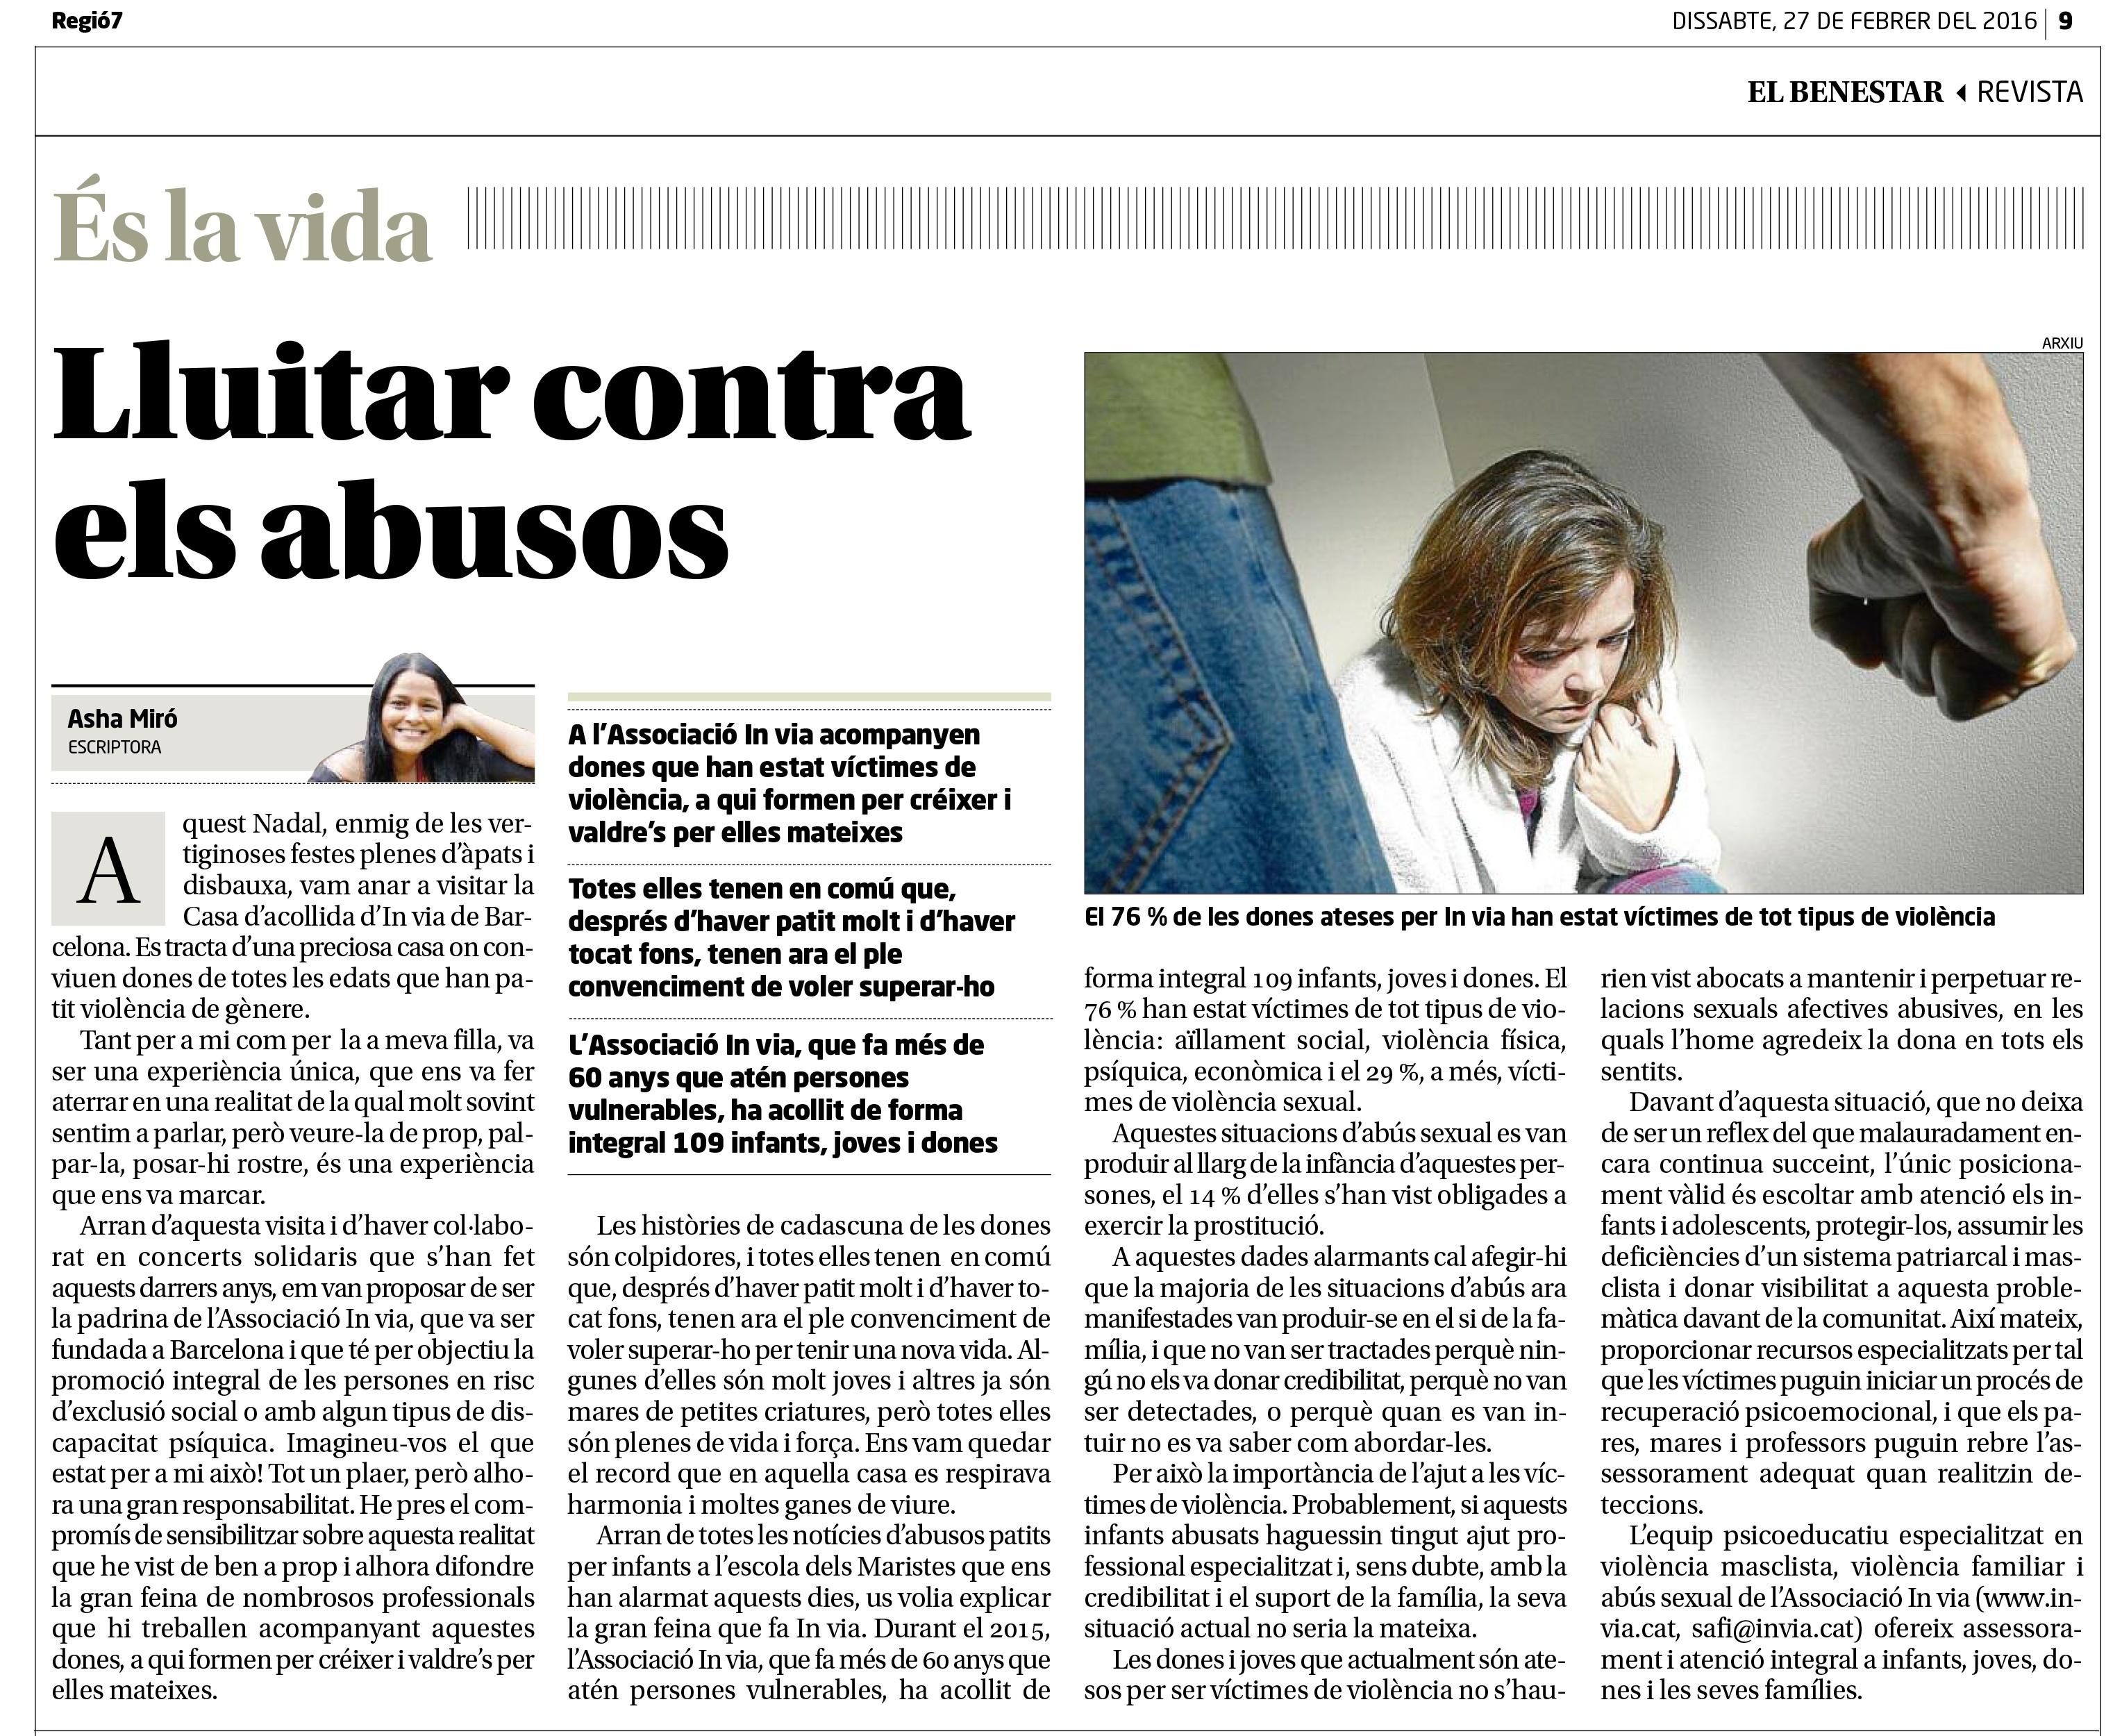 Lluitar contra els abusos